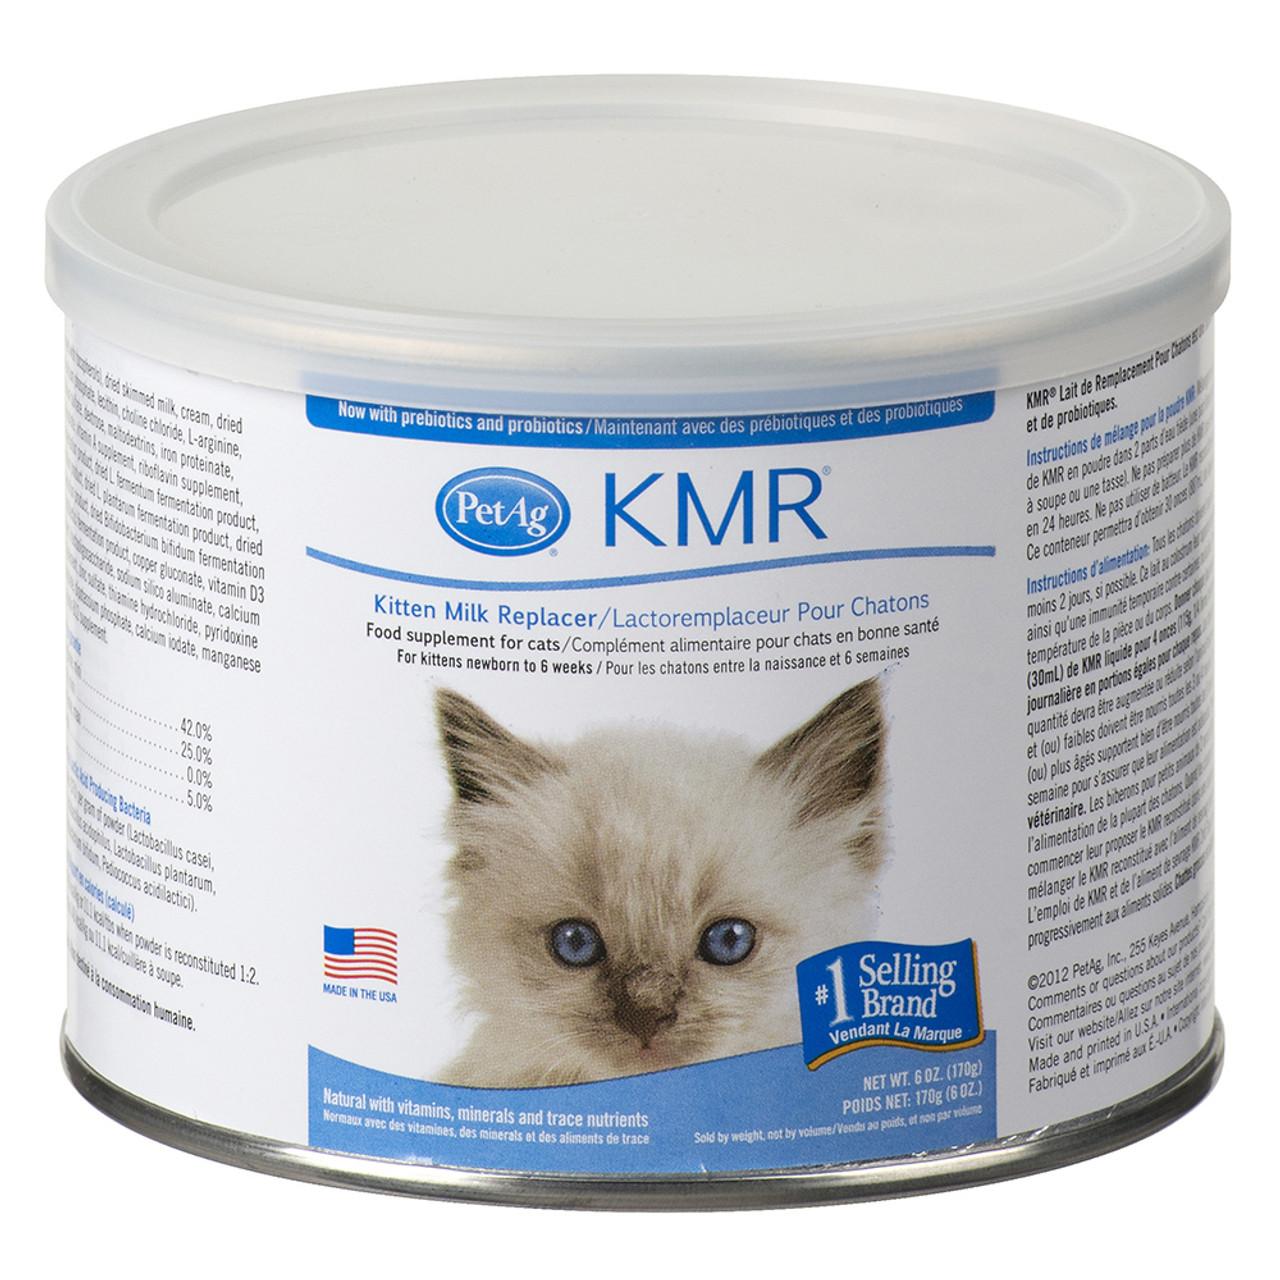 PetAg KMR Kitten Milk Replacer Powder